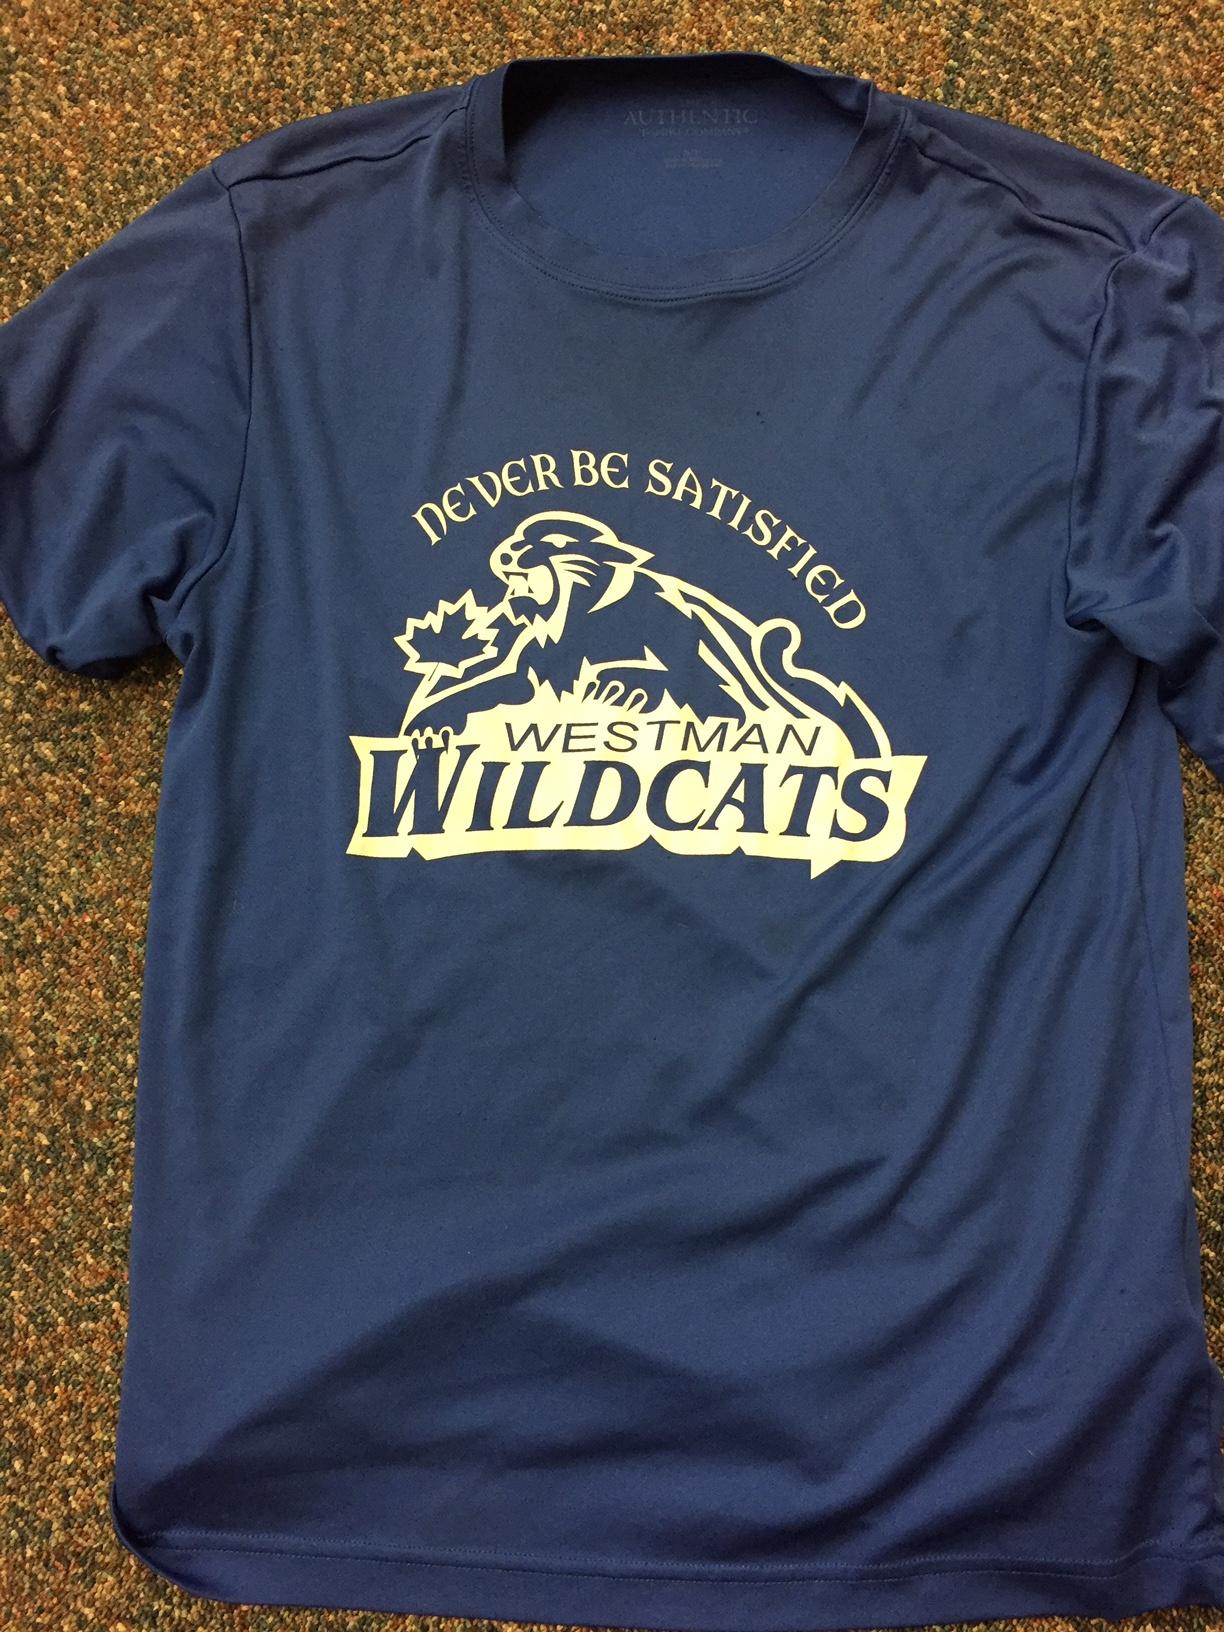 https://0901.nccdn.net/4_2/000/000/046/6ea/Westman-Wildcats-warm-up-shirts-1224x1632.jpg